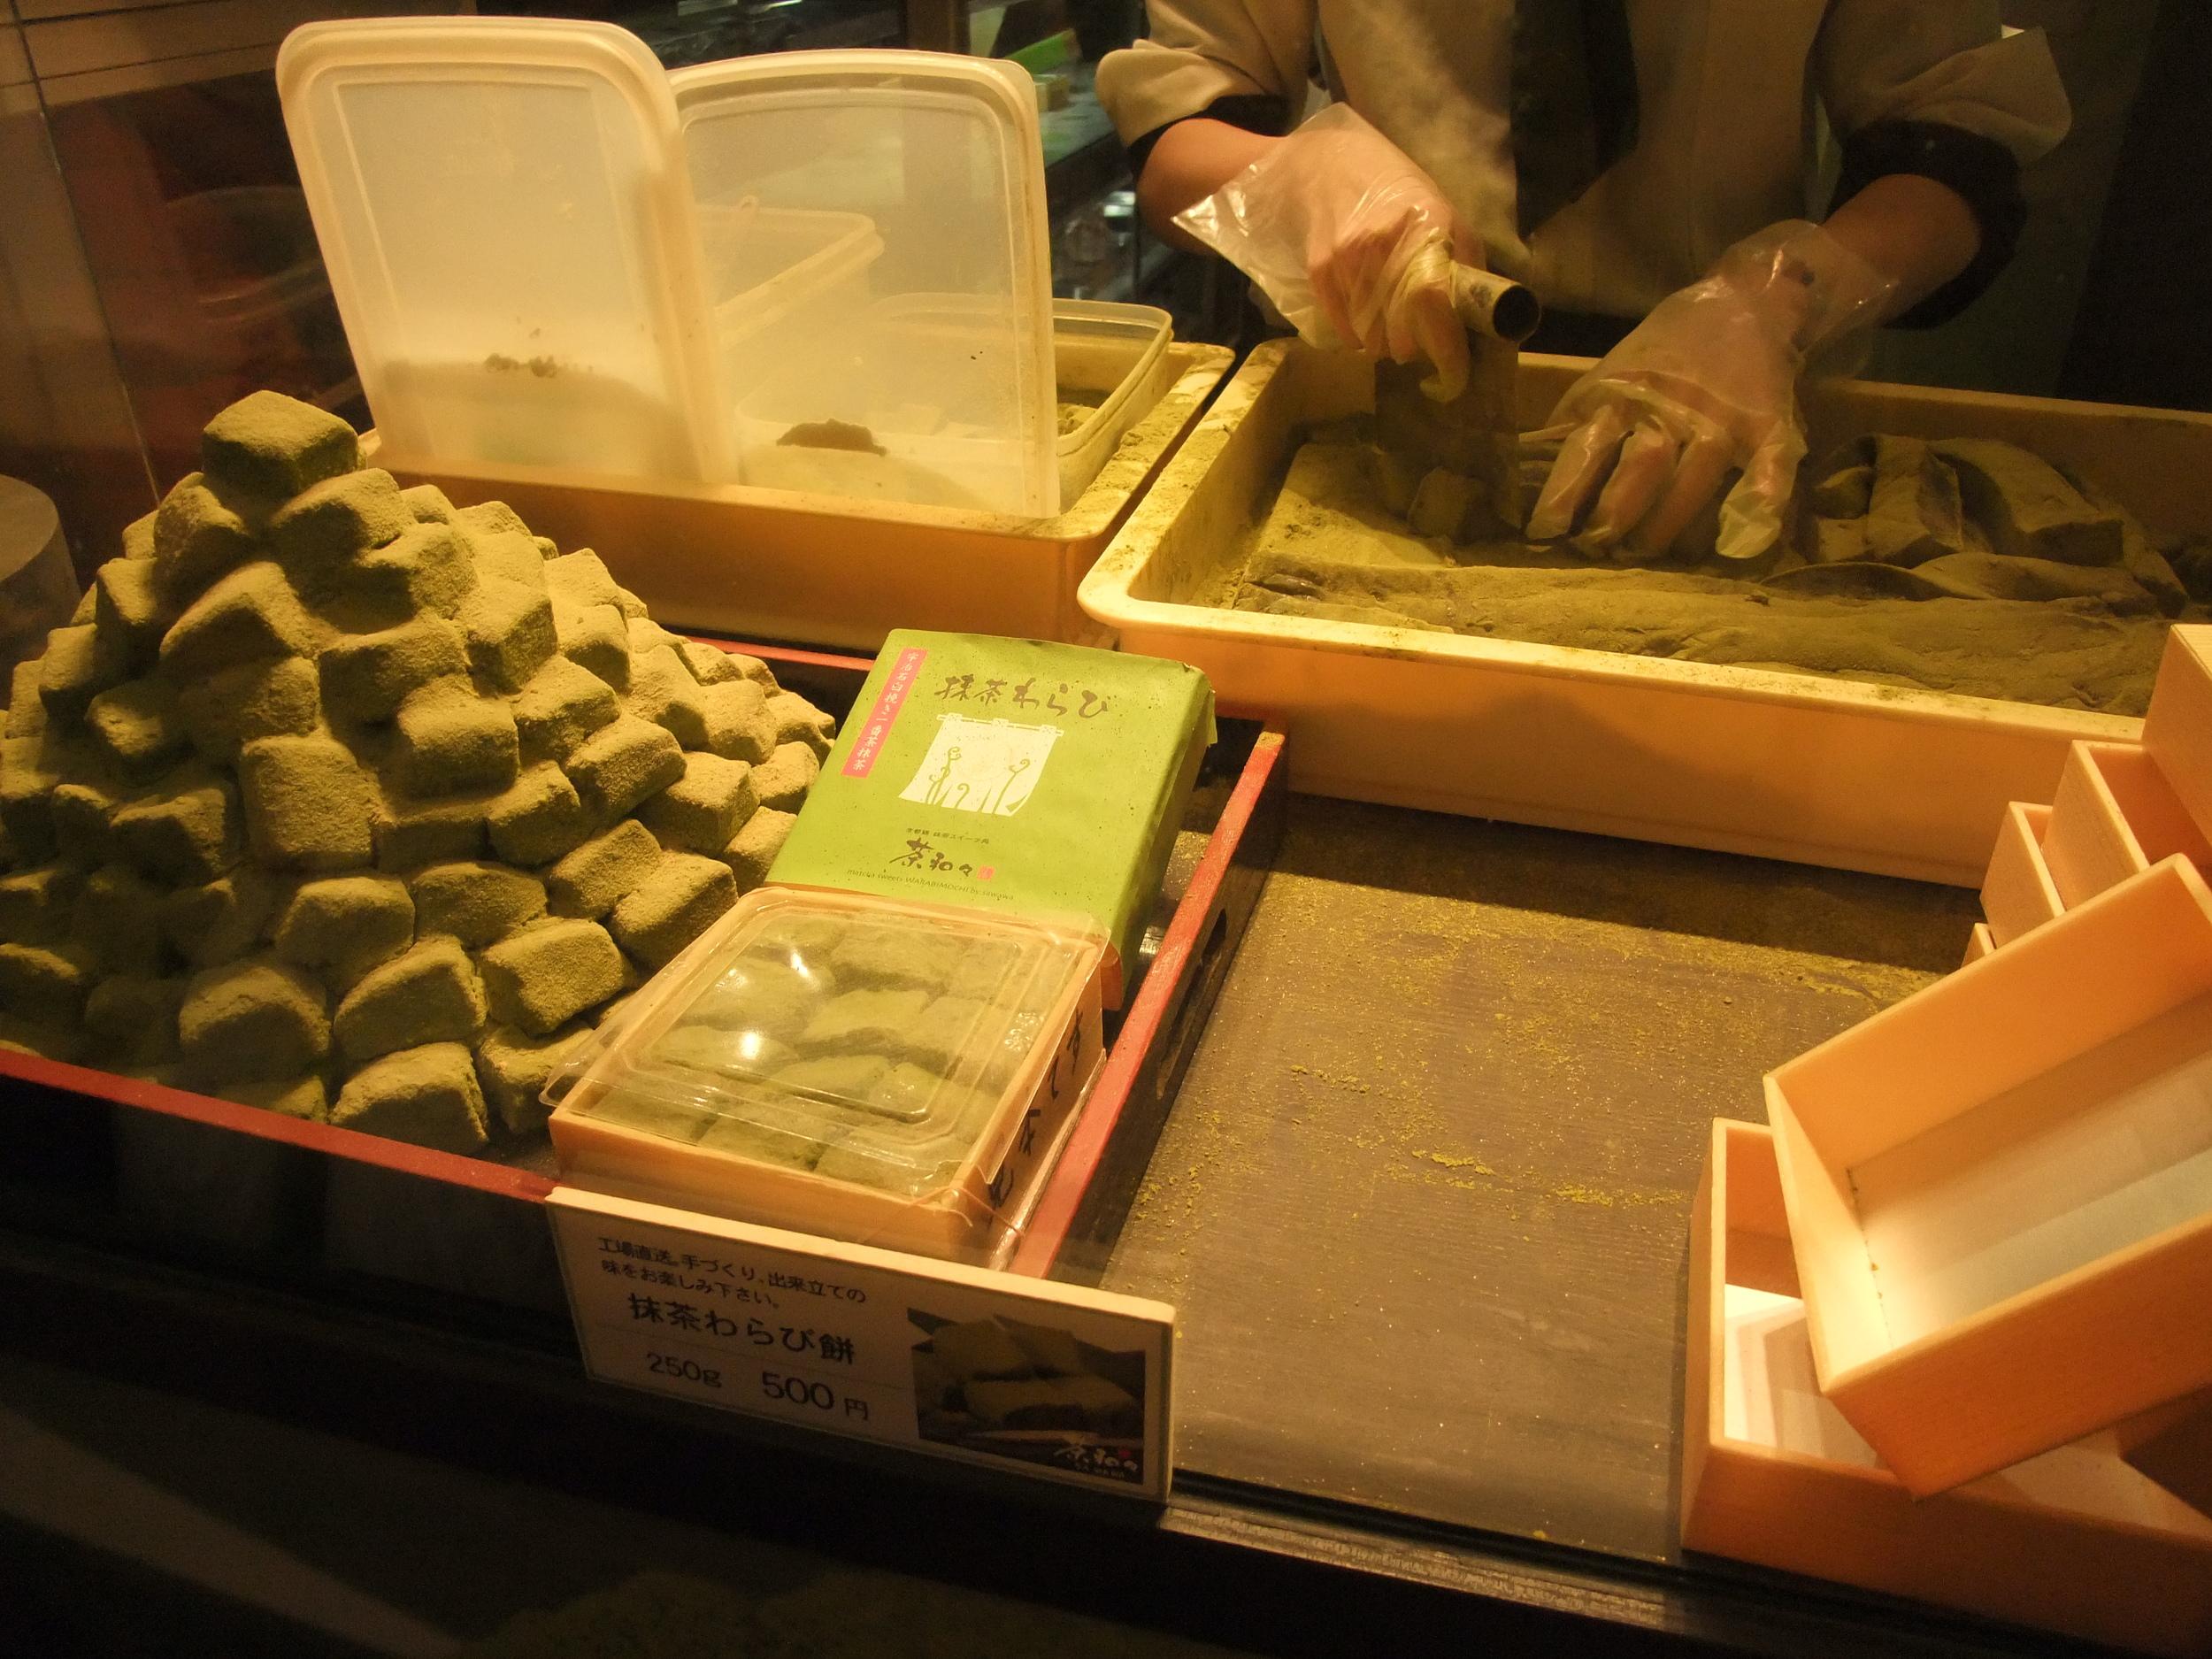 Matcha (green tea powder) jellies at the Nishiki Food Market